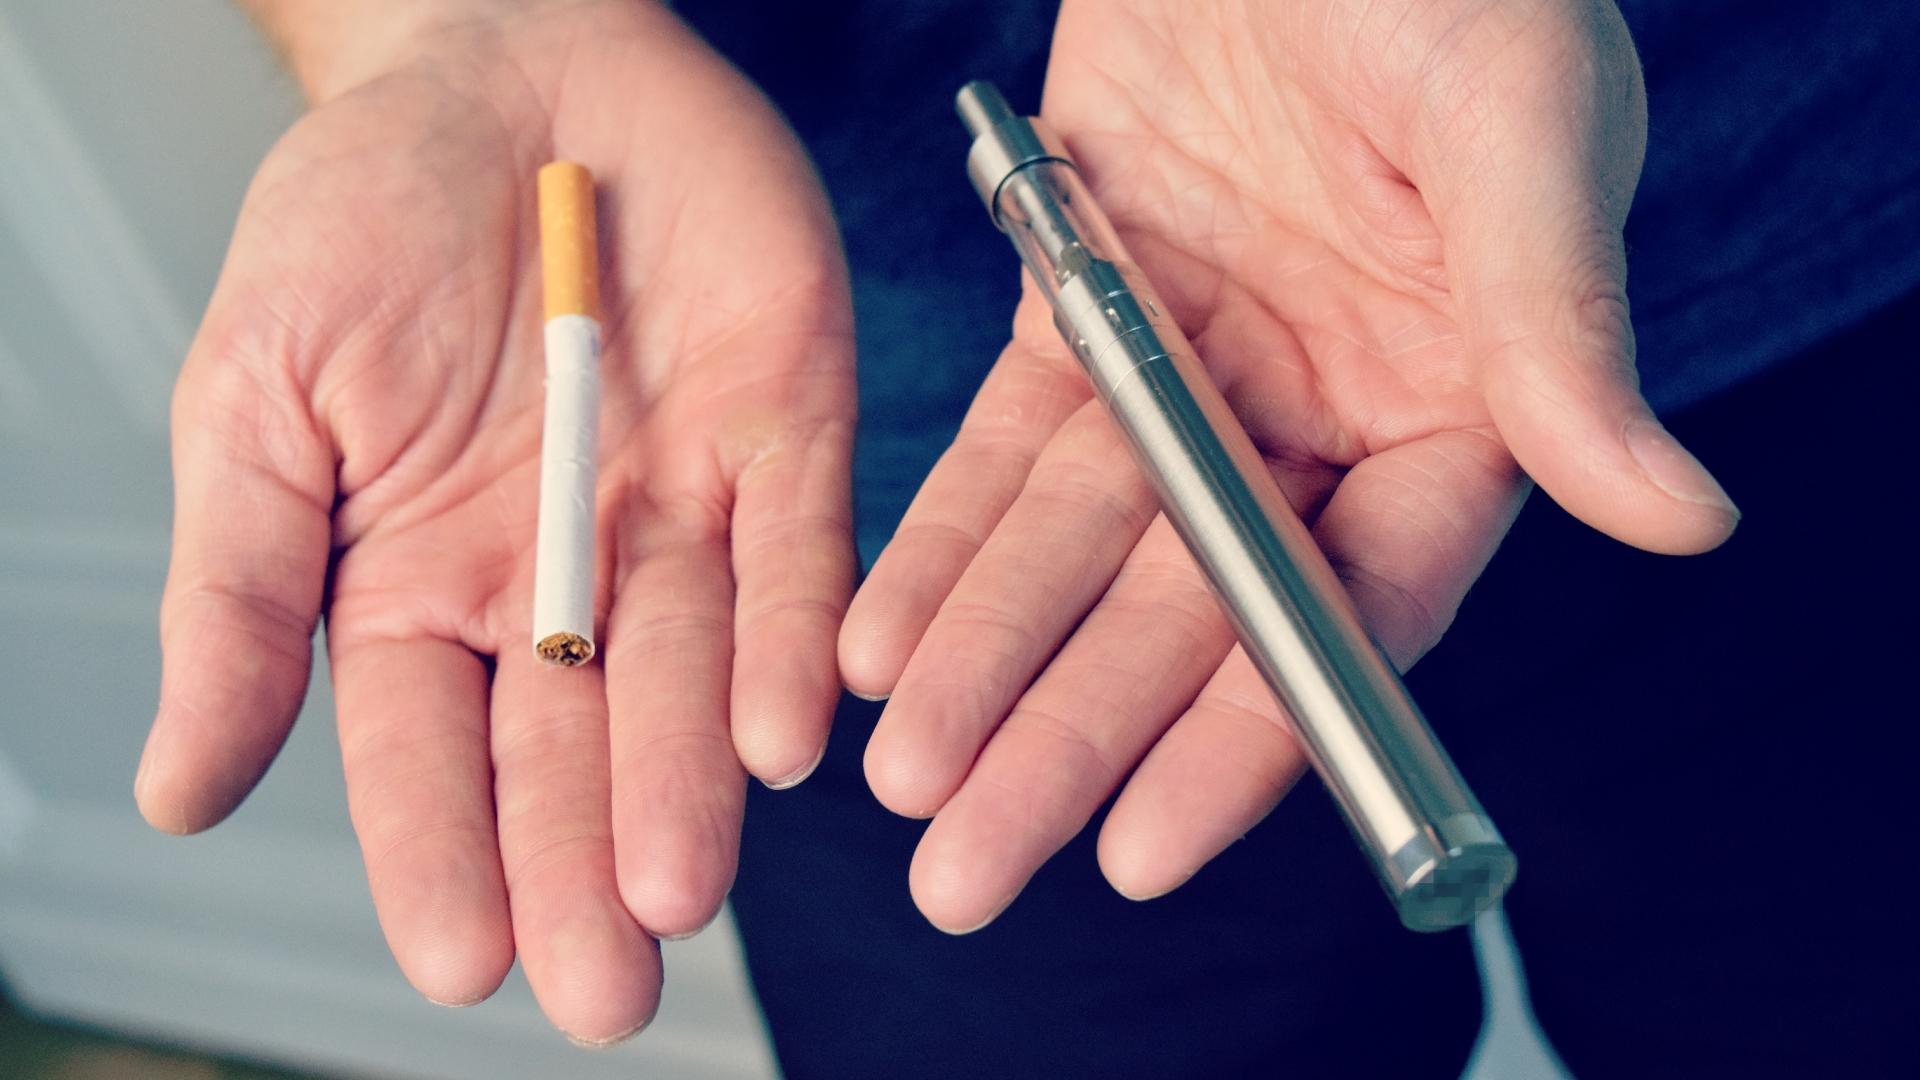 Россия снижает риски от курения